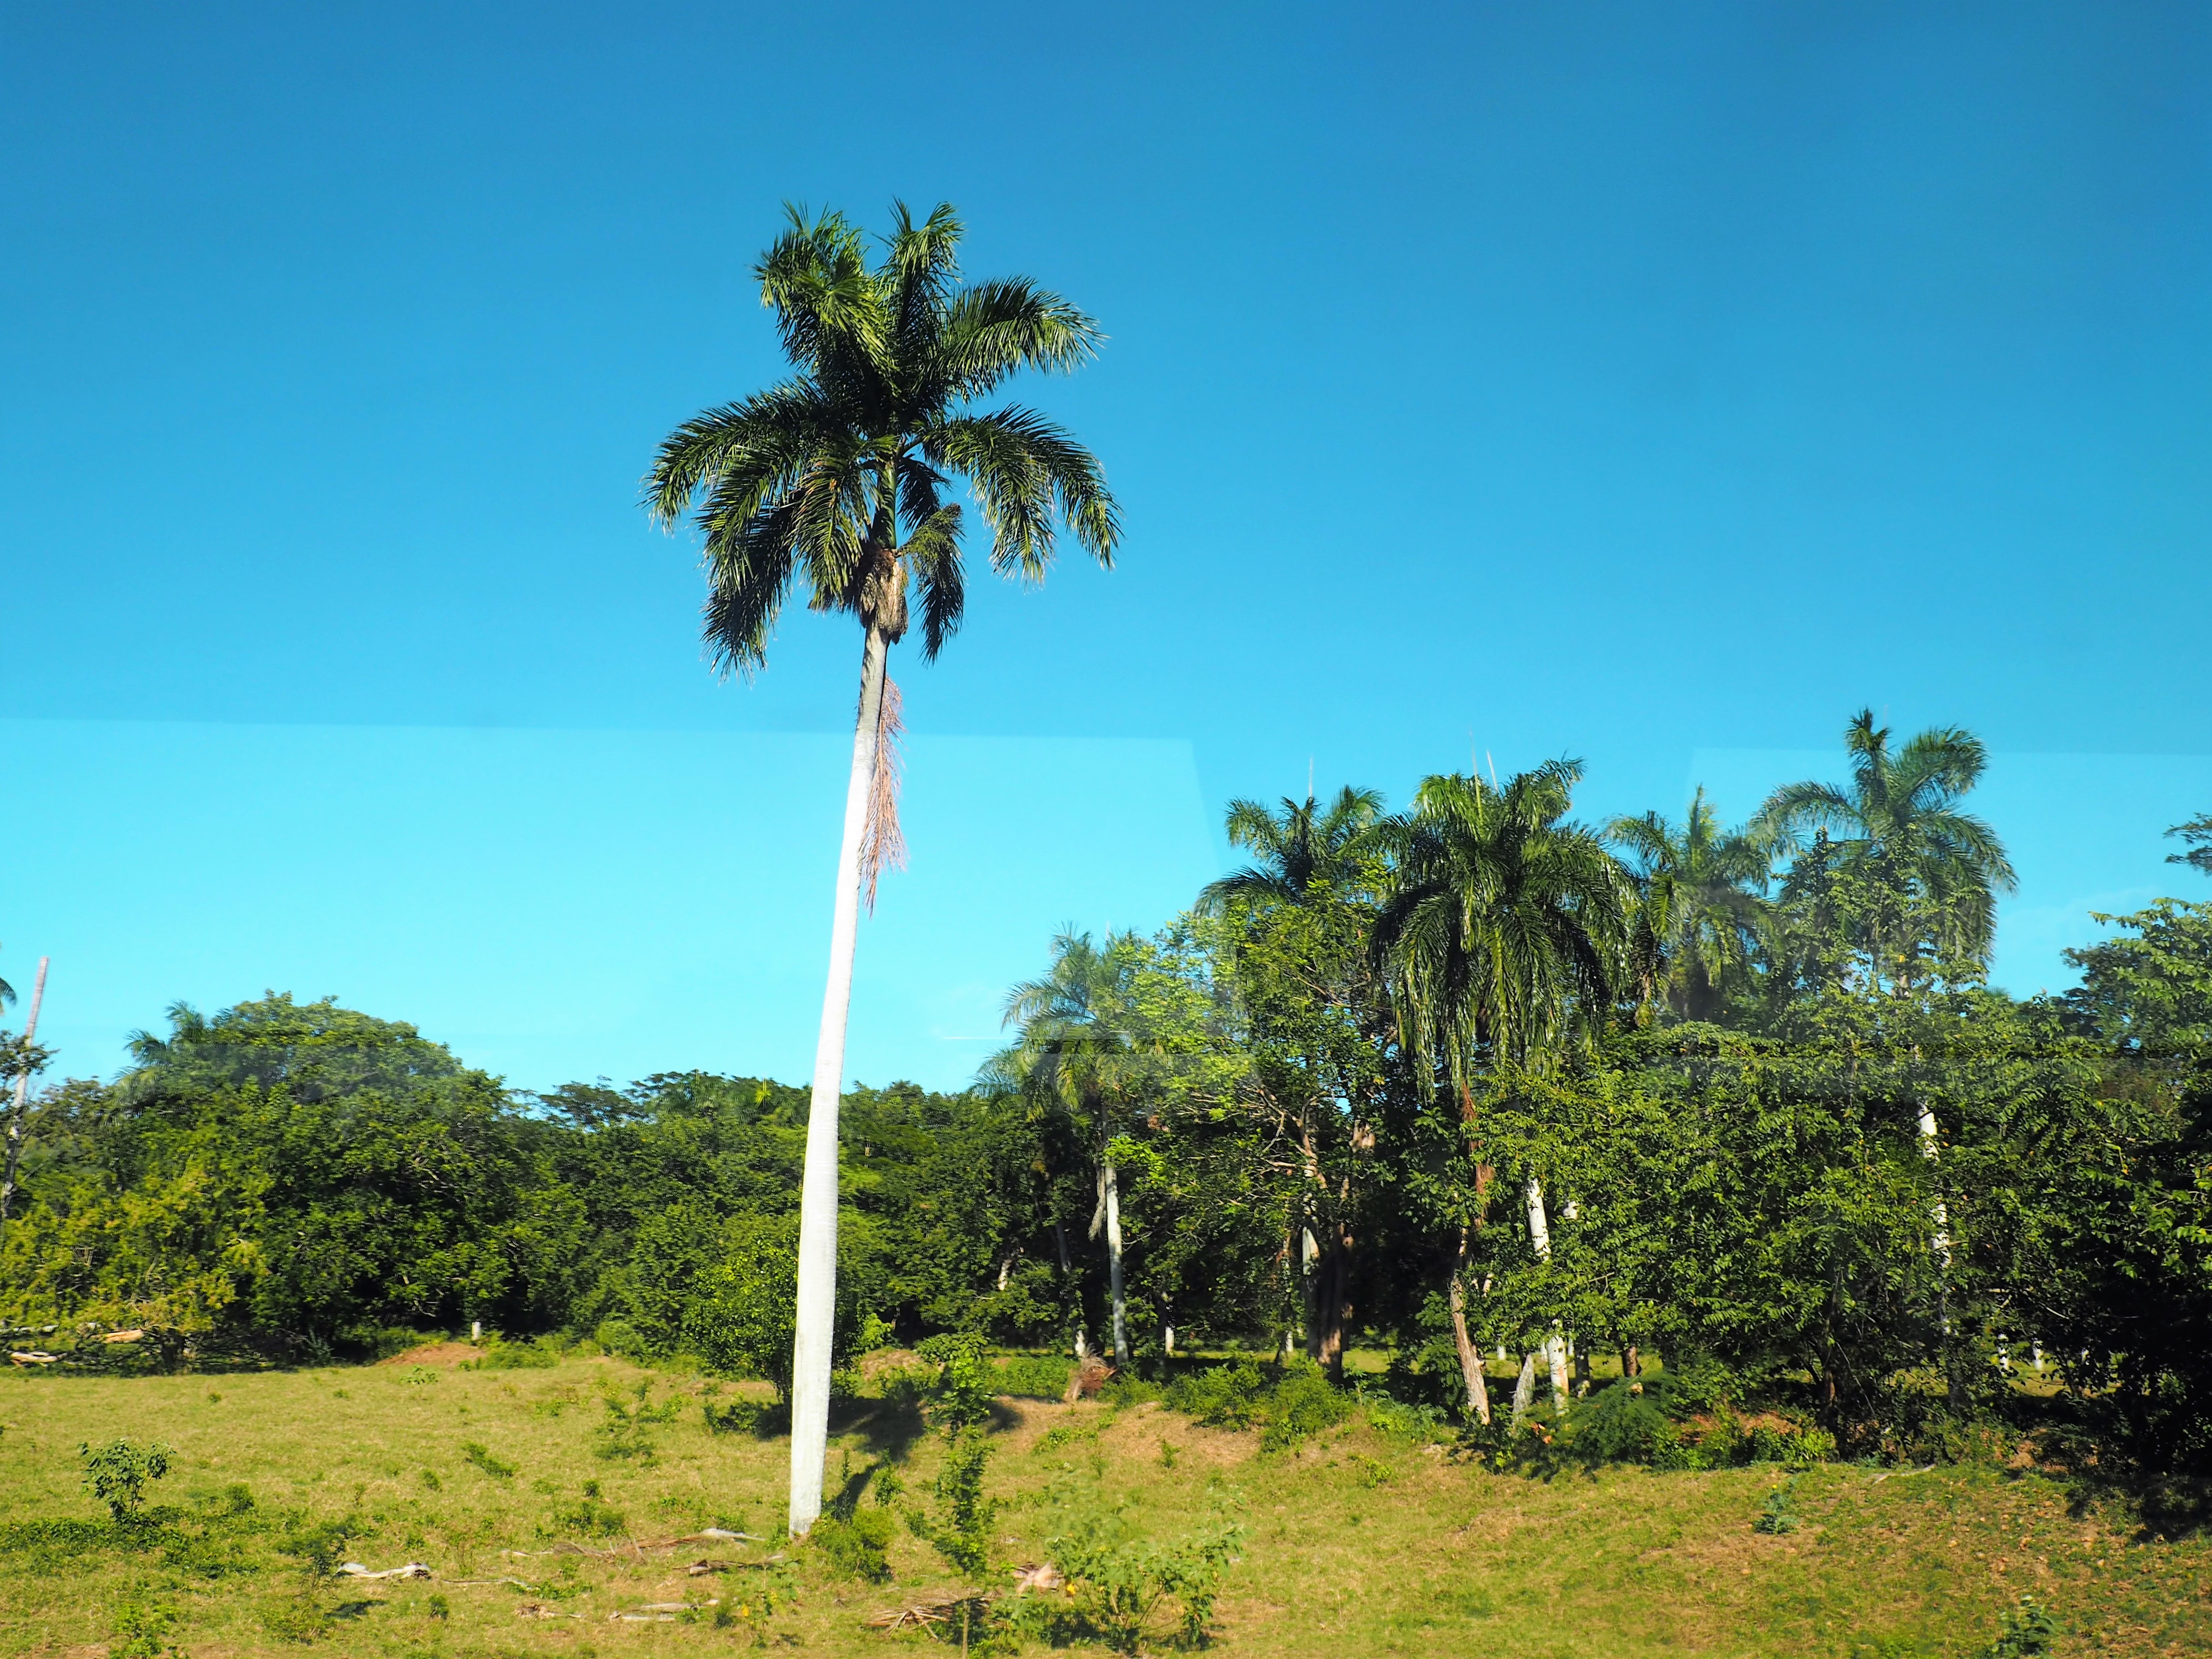 Palmenhain auf der Fahrt durch das Landesinnere der Dominikanischen Republik